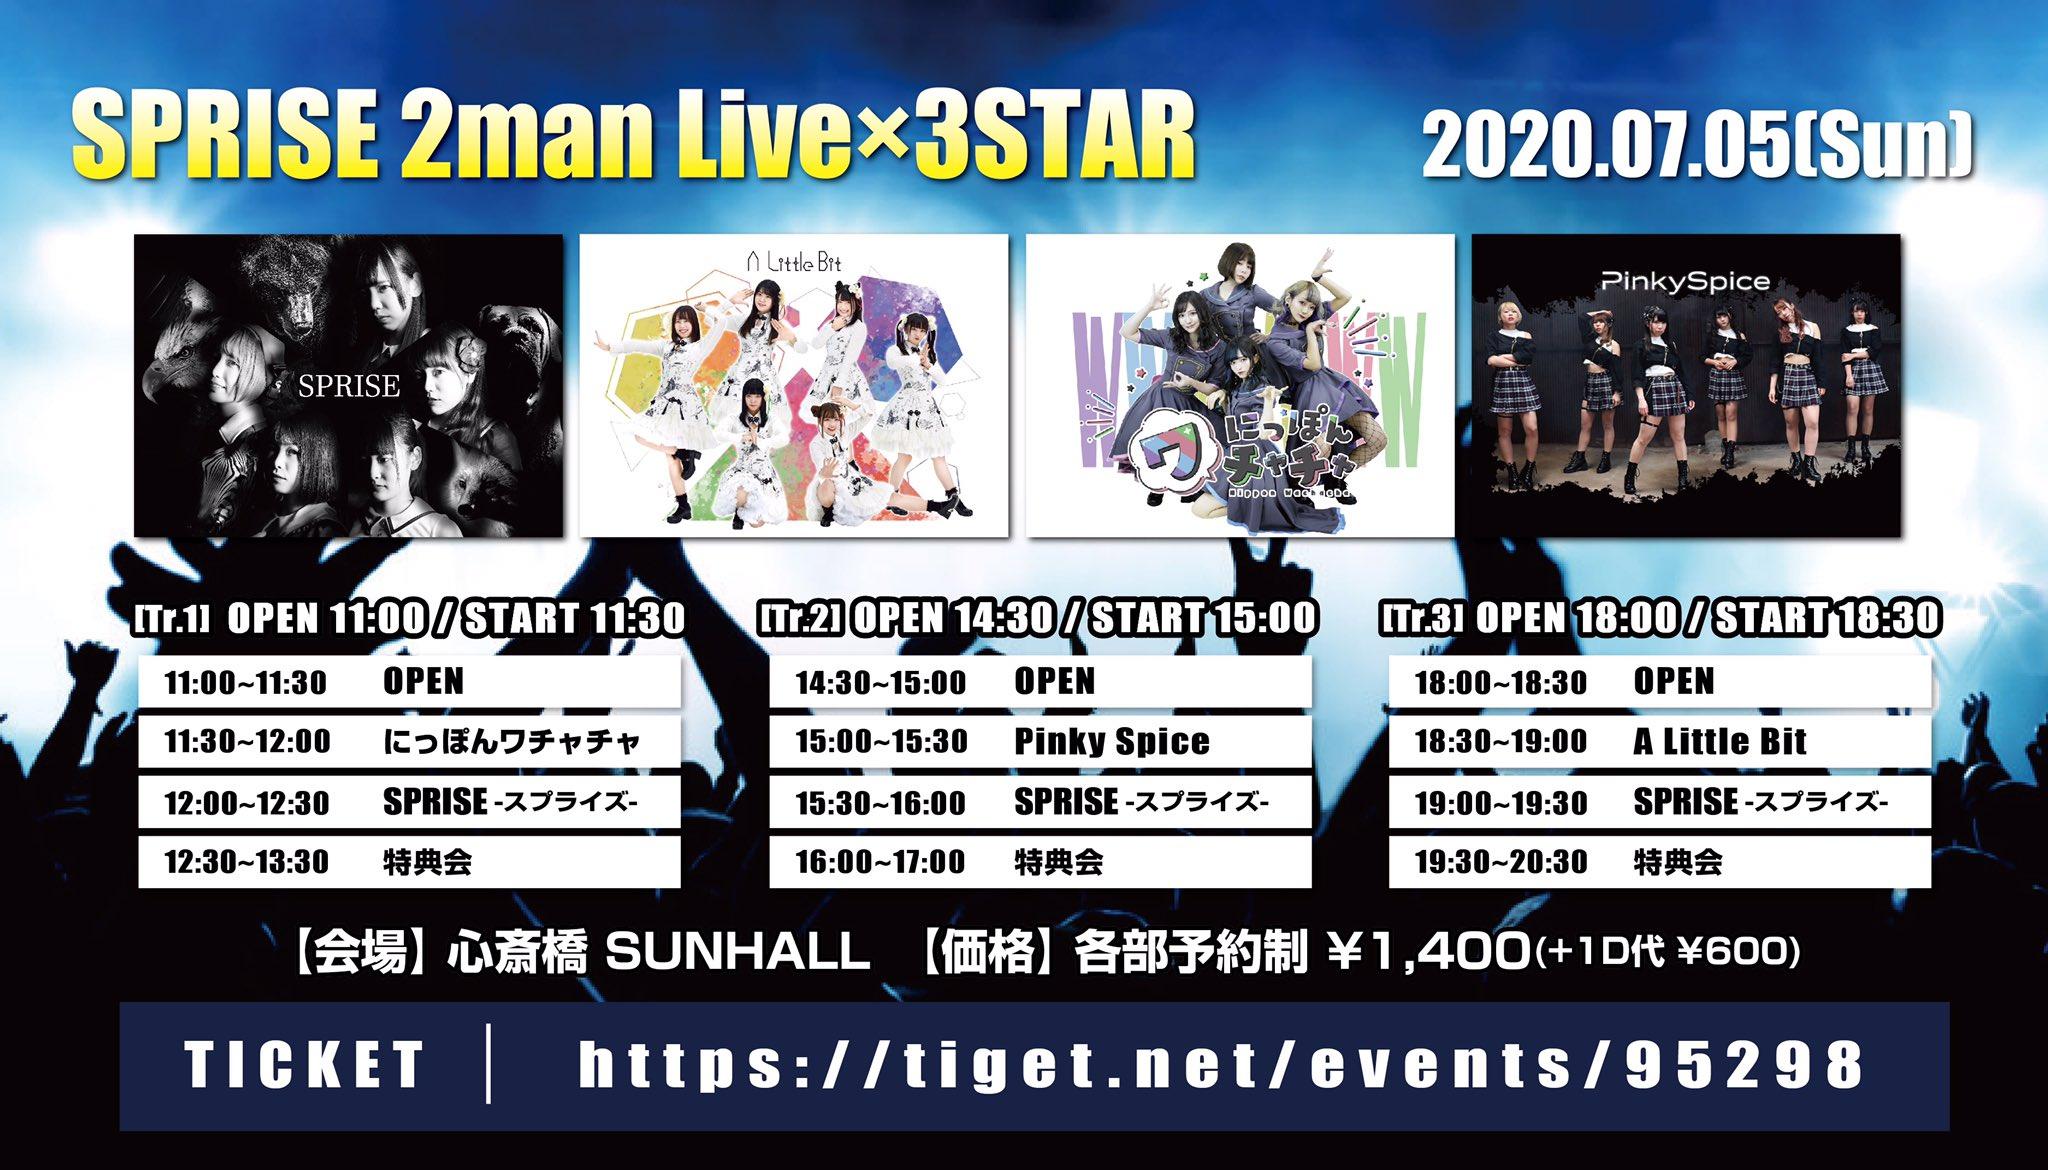 SPRISE 2man Live x 3STAR